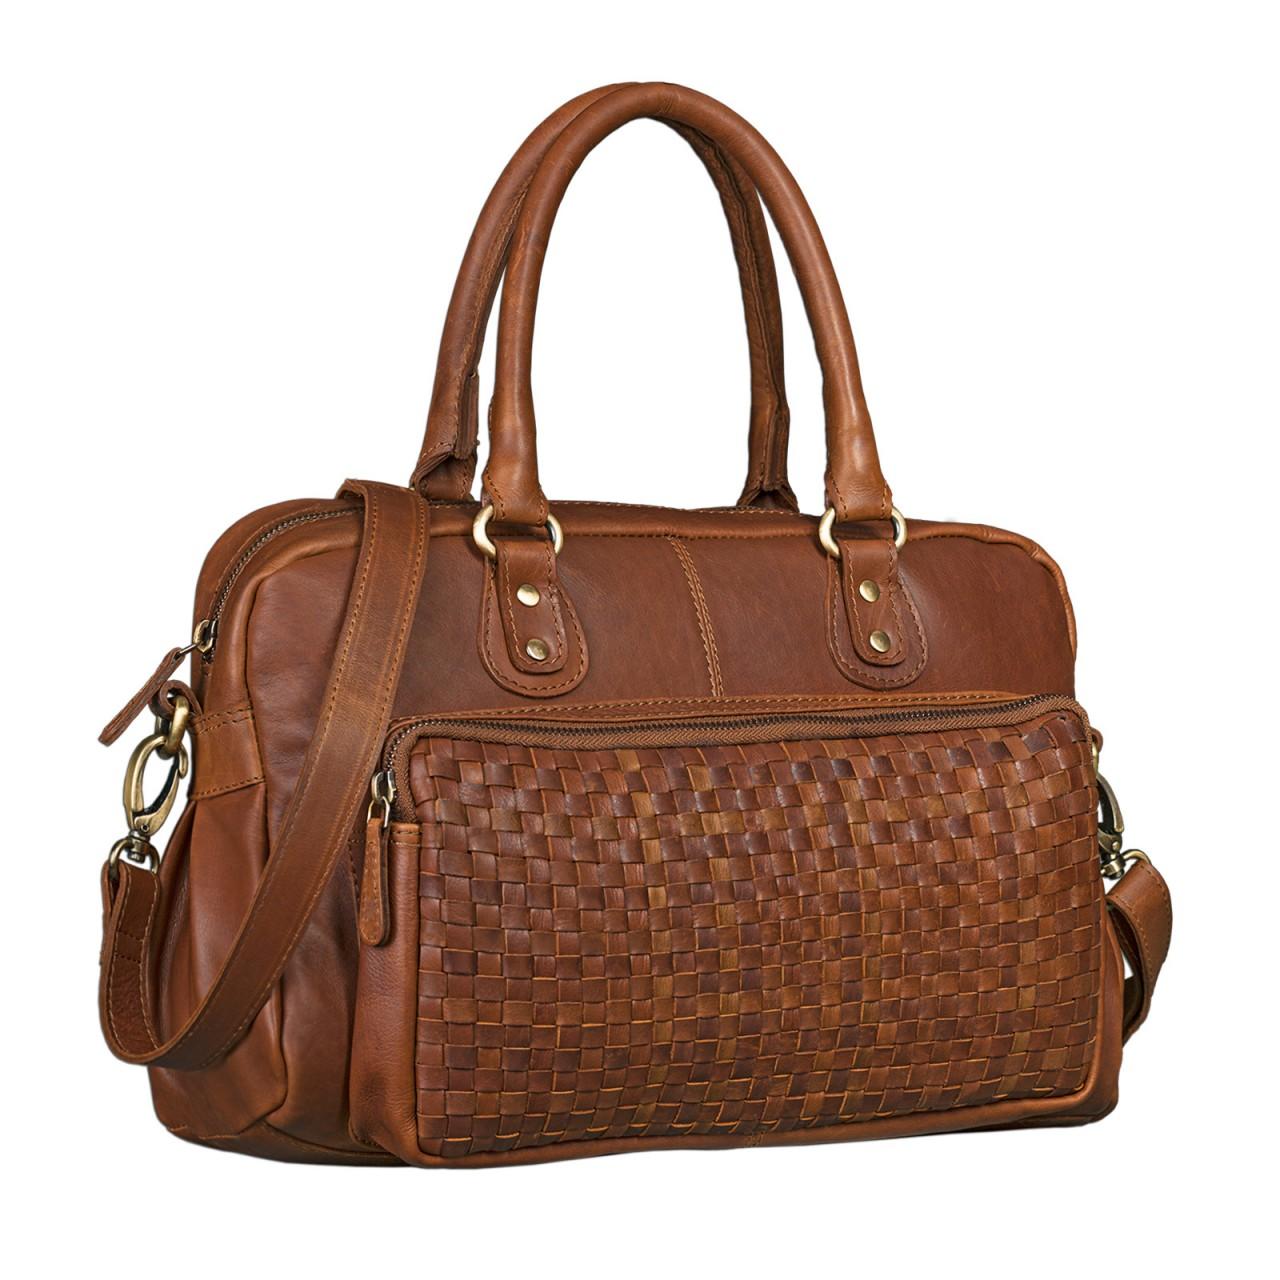 cfa86fbedbeca Vintage Damen Handtasche Umhängetasche geflochtenes Leder